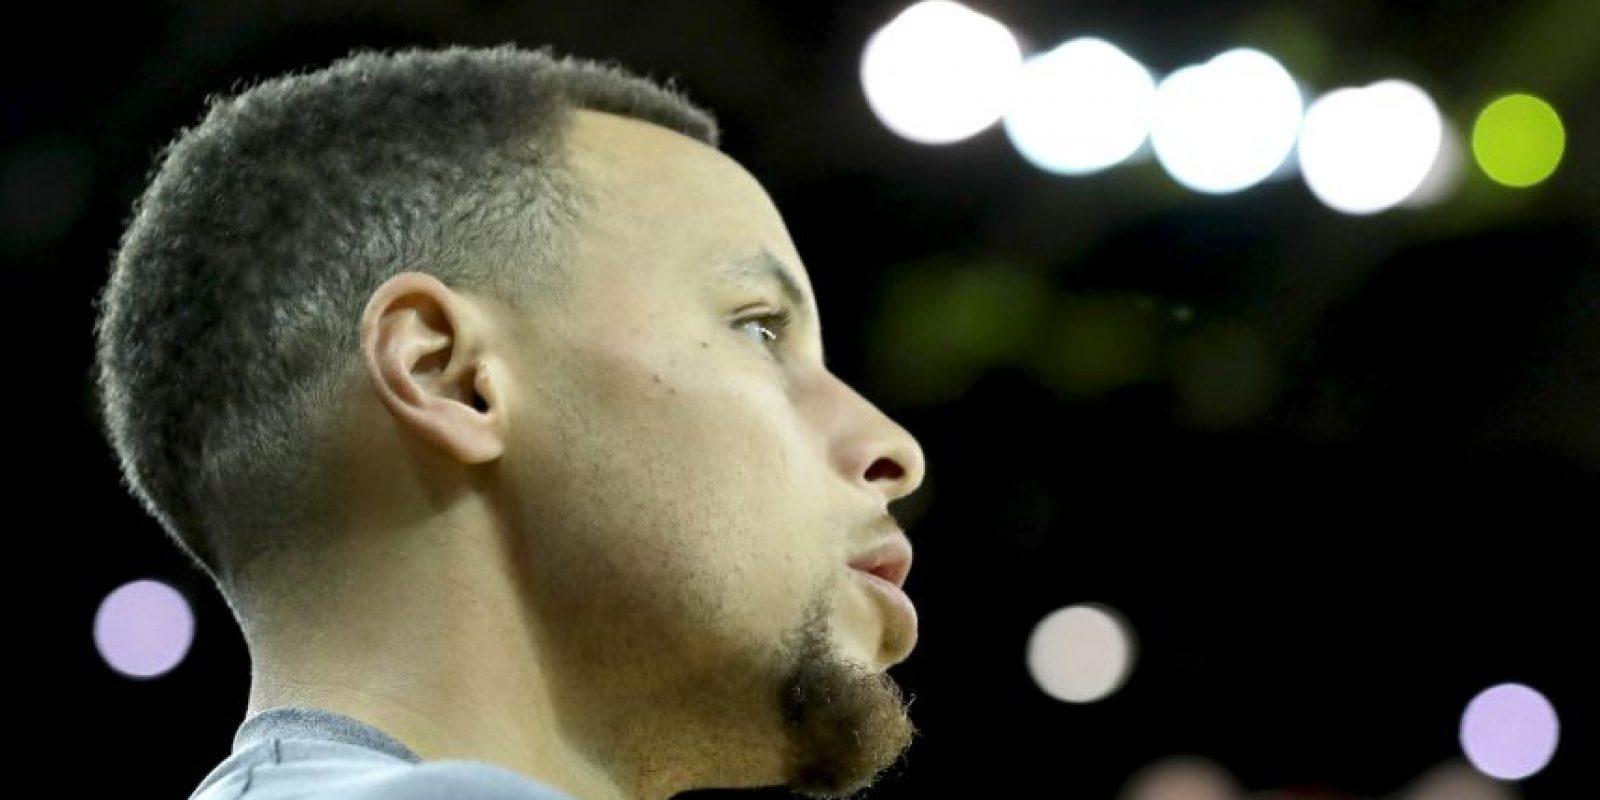 Luego de una extenuante temporada, donde aún está disputando las finales de la NBA, Curry decidió bajarse para cuidar su físico Foto:Getty Images